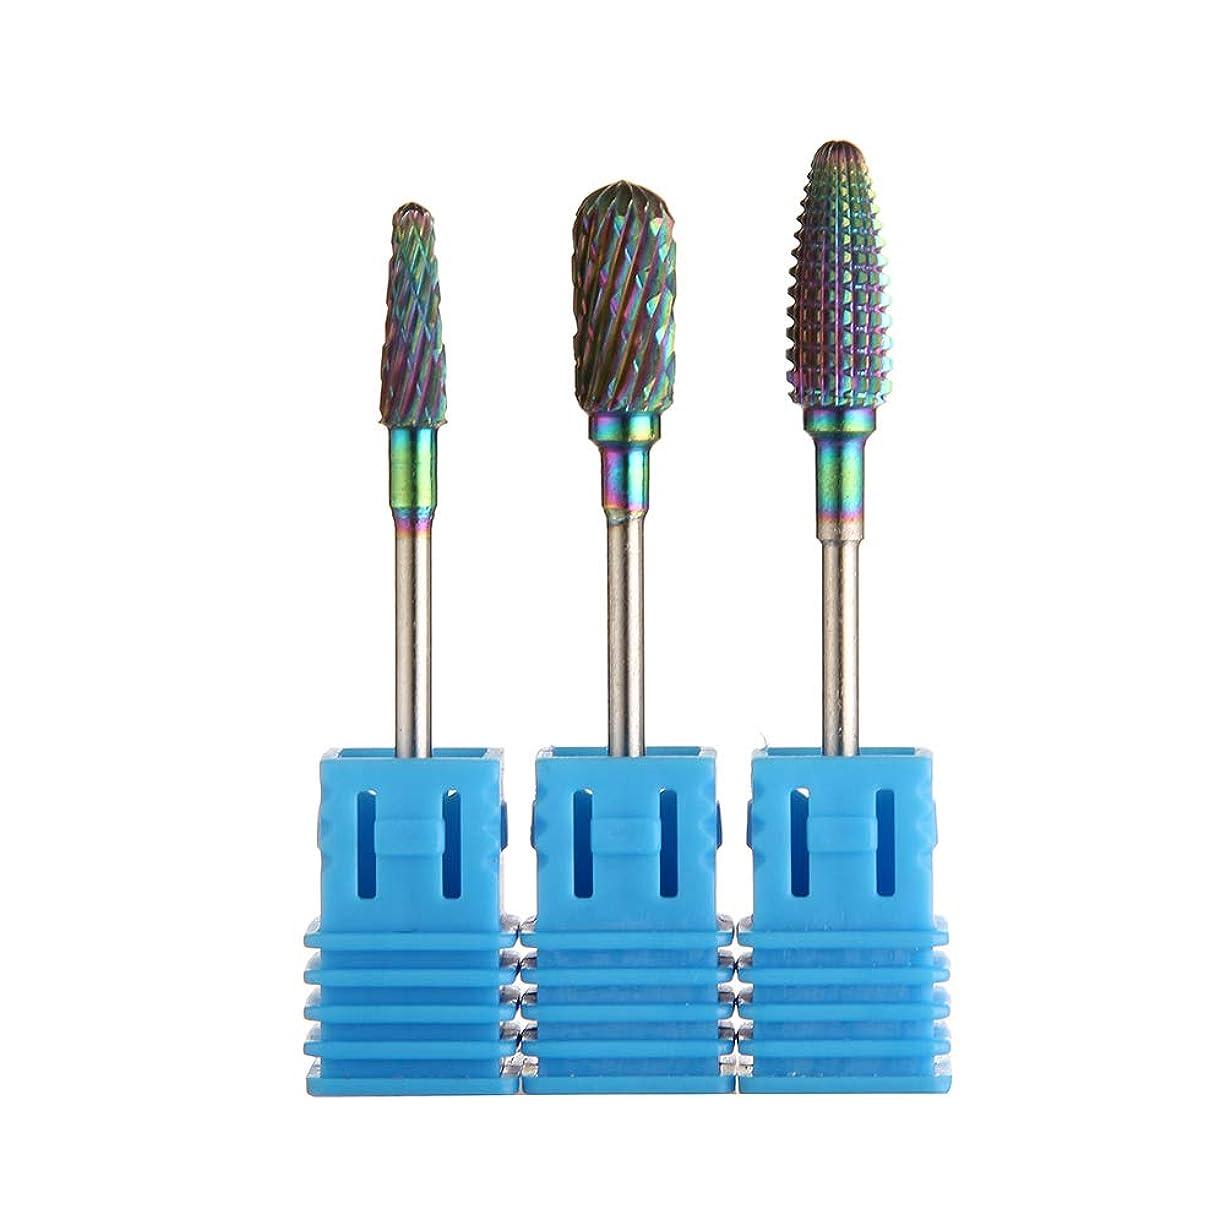 ハブ栄光の比類なきDecdeal ネイル研磨 爪 磨き 研磨 研削 研削ヘッド 研磨ヘッド